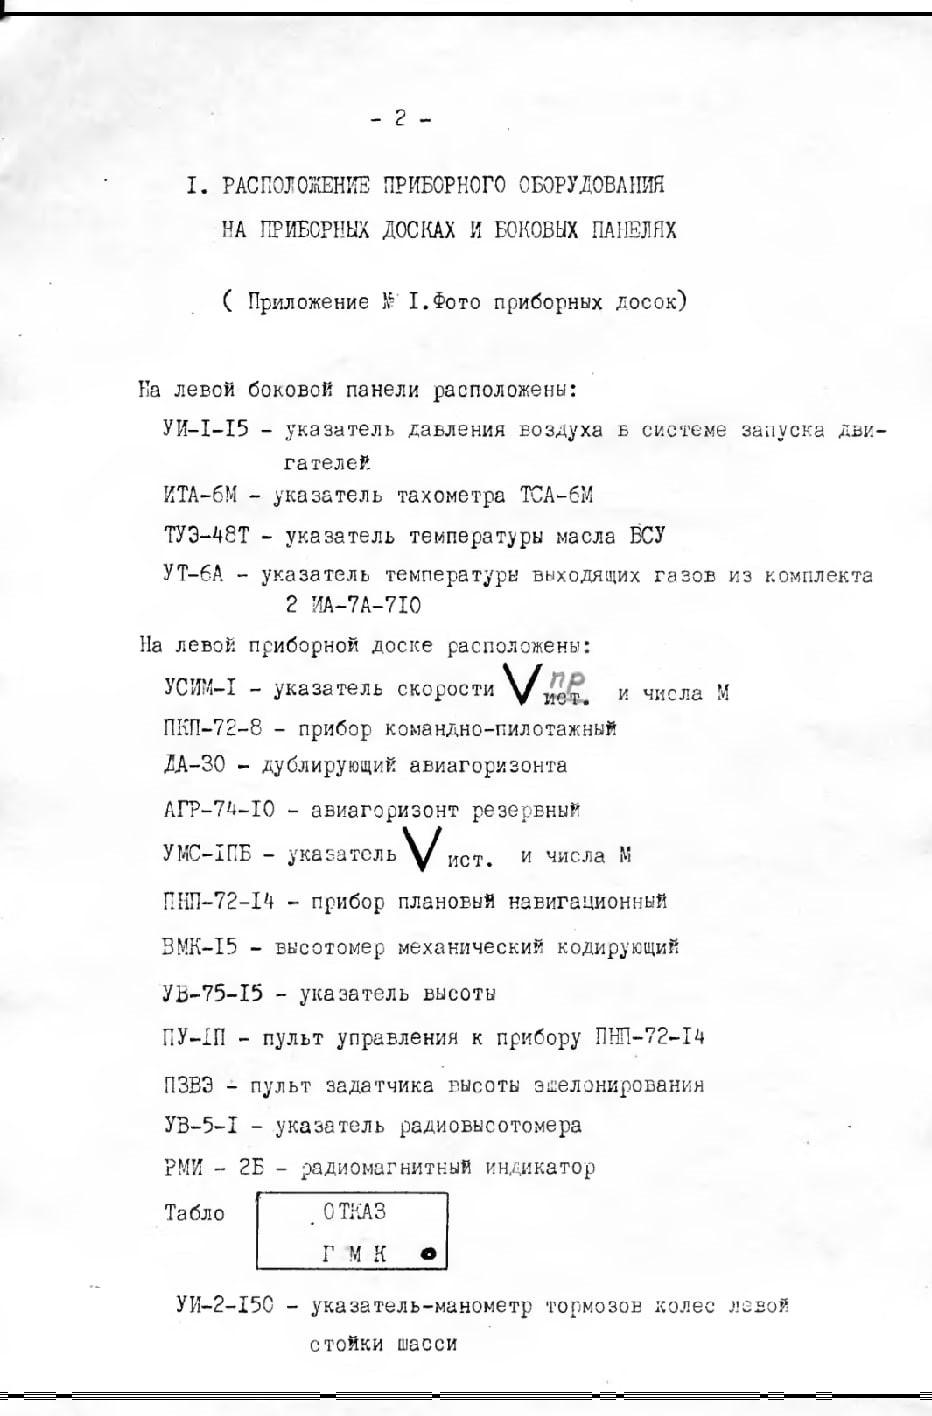 Приборное оборудование самолета Як-42 1.jpg